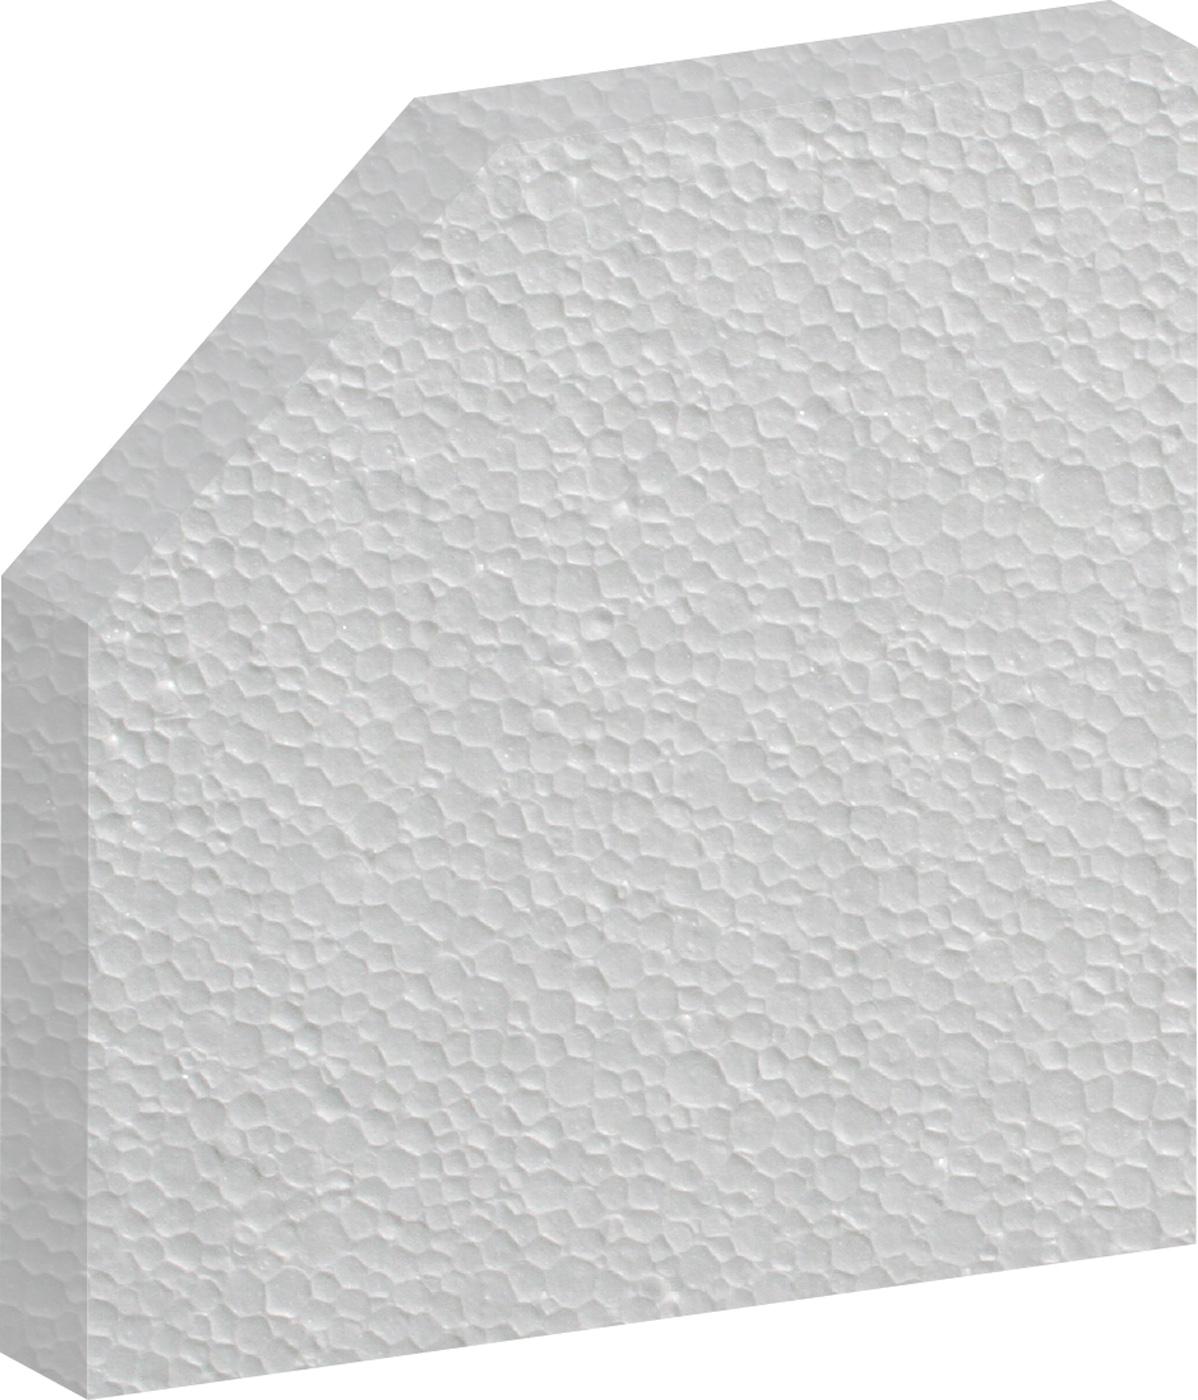 Witte polystyreen isolatie